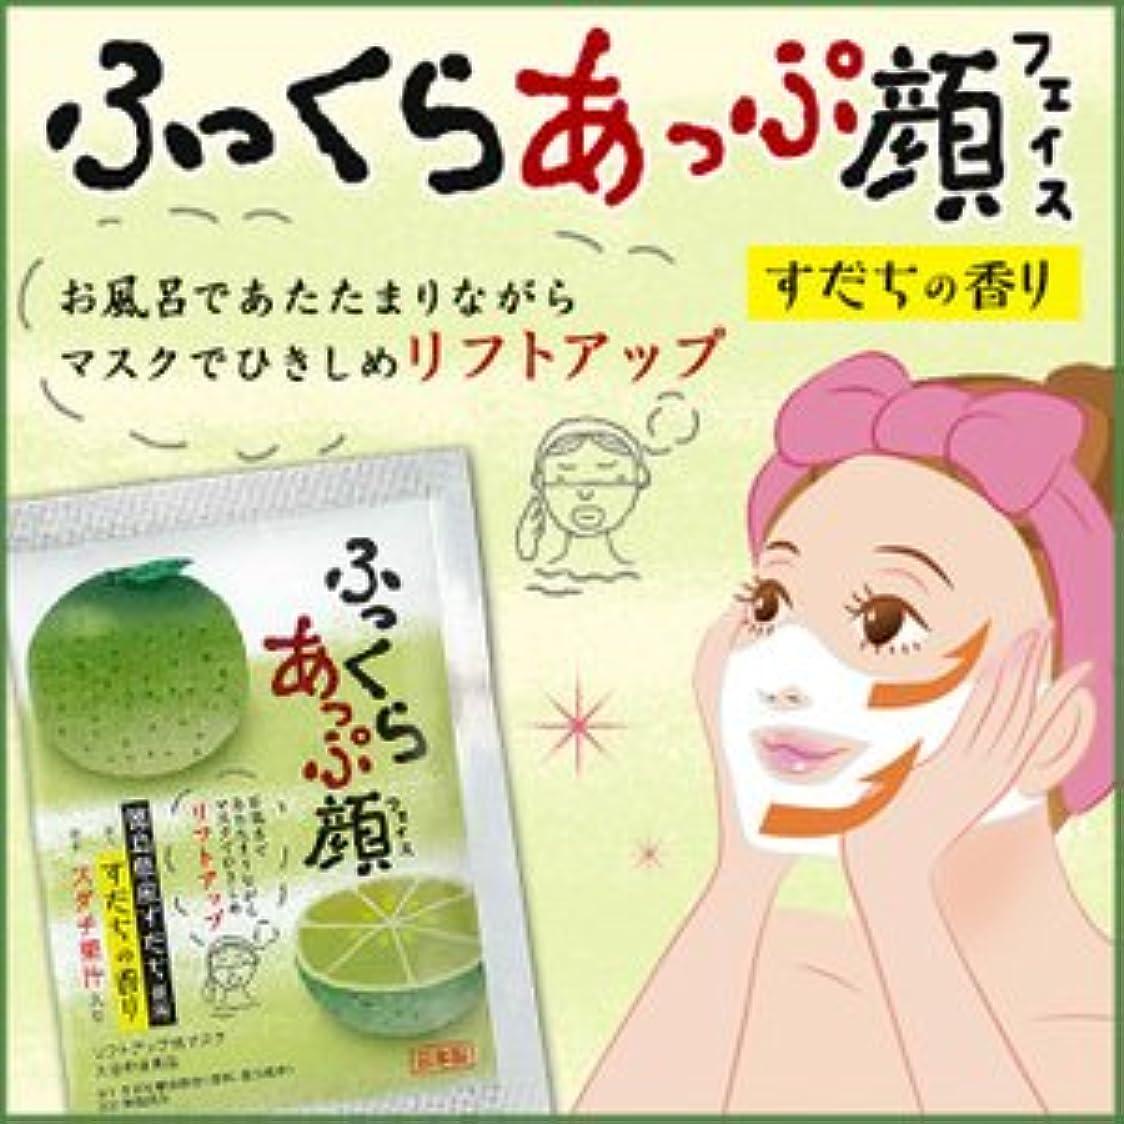 厚くするエレメンタルヒゲリフトアップ フェイスマスク すだちの香り(20ml×1×7枚)